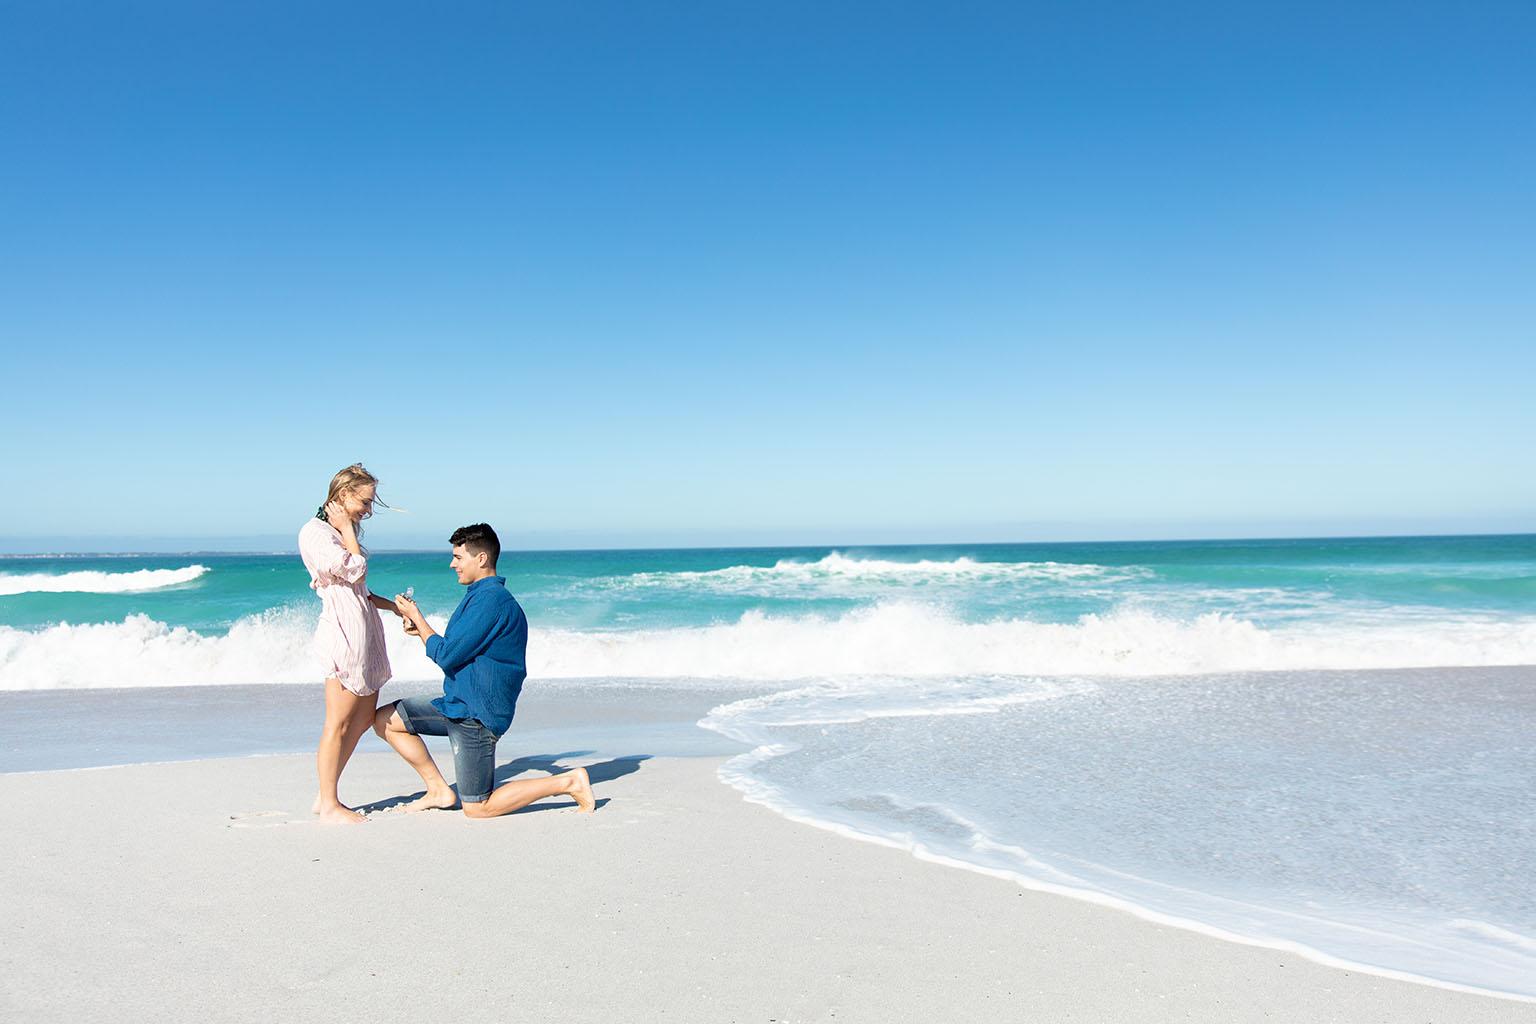 Pareja realiza una de las Pedidas de matrimonio más espectaculares, justo en la orilla en la Playa de Muro, en Palma de Mallorca